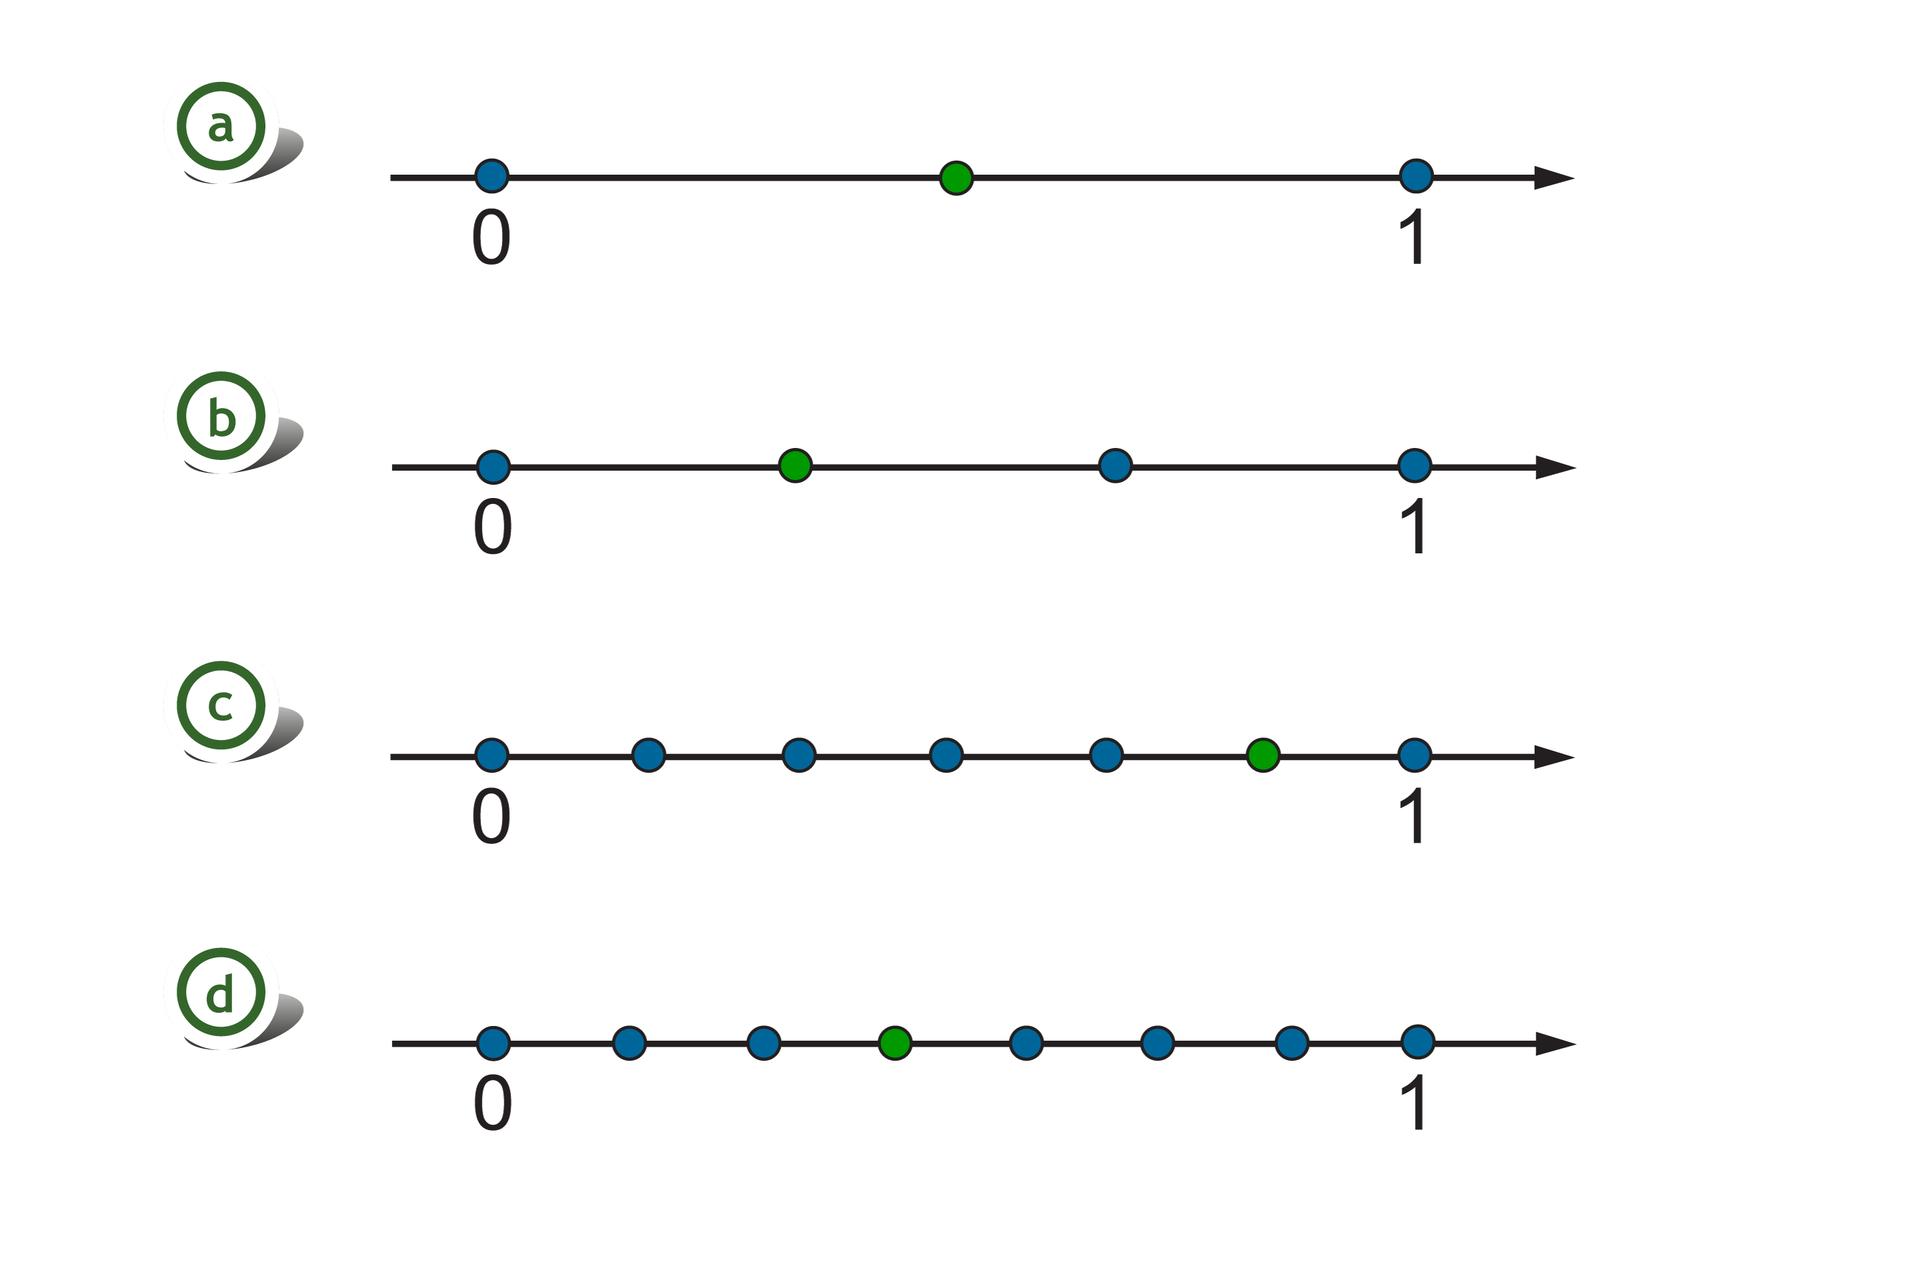 a) Rysunek czterech osi liczbowych zzaznaczonymi liczbami 0 i1. Na pierwszej odcinek jednostkowy podzielony na dwie równe części. Szukany punkt wyznacza jedną część za punktem 0. Na drugiej odcinek jednostkowy podzielony na trzy równe części. Szukany punkt wyznacza jedną część za punktem 0. Na trzeciej odcinek jednostkowy podzielony na sześć równych części. Szukany punkt wyznacza pięć części za punktem 0. Na czwartej odcinek jednostkowy podzielony na siedem równych części. Szukany punkt wyznacza trzy części za punktem 0.